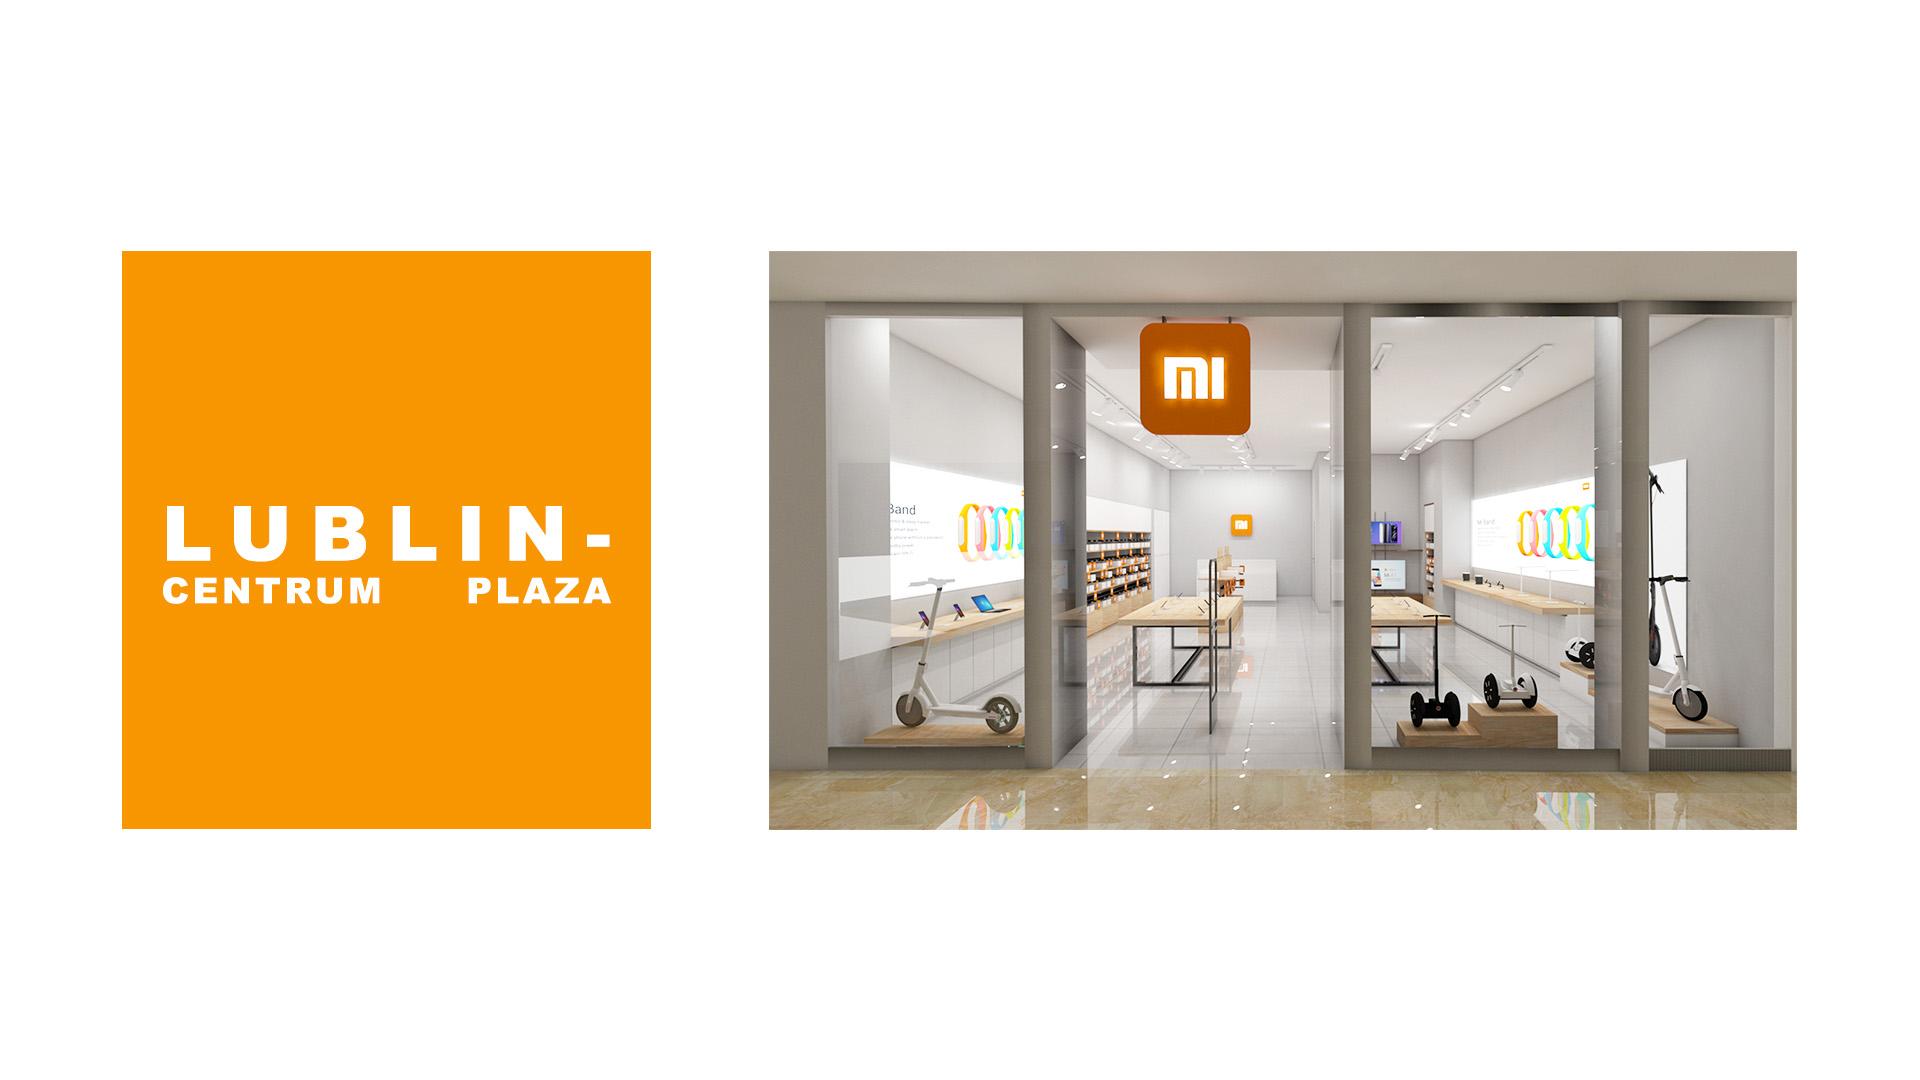 Mi-Store - Lublin - Centrum Plaza